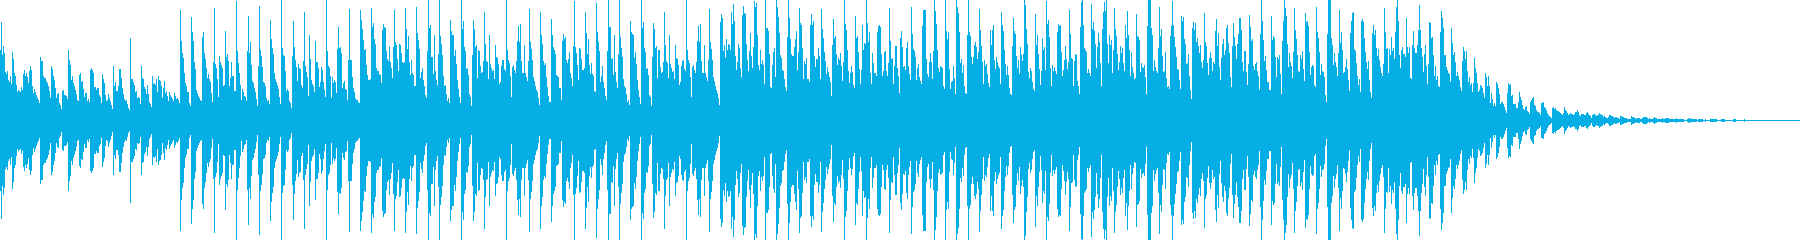 ハッピーでテンポの良い曲の再生済みの波形